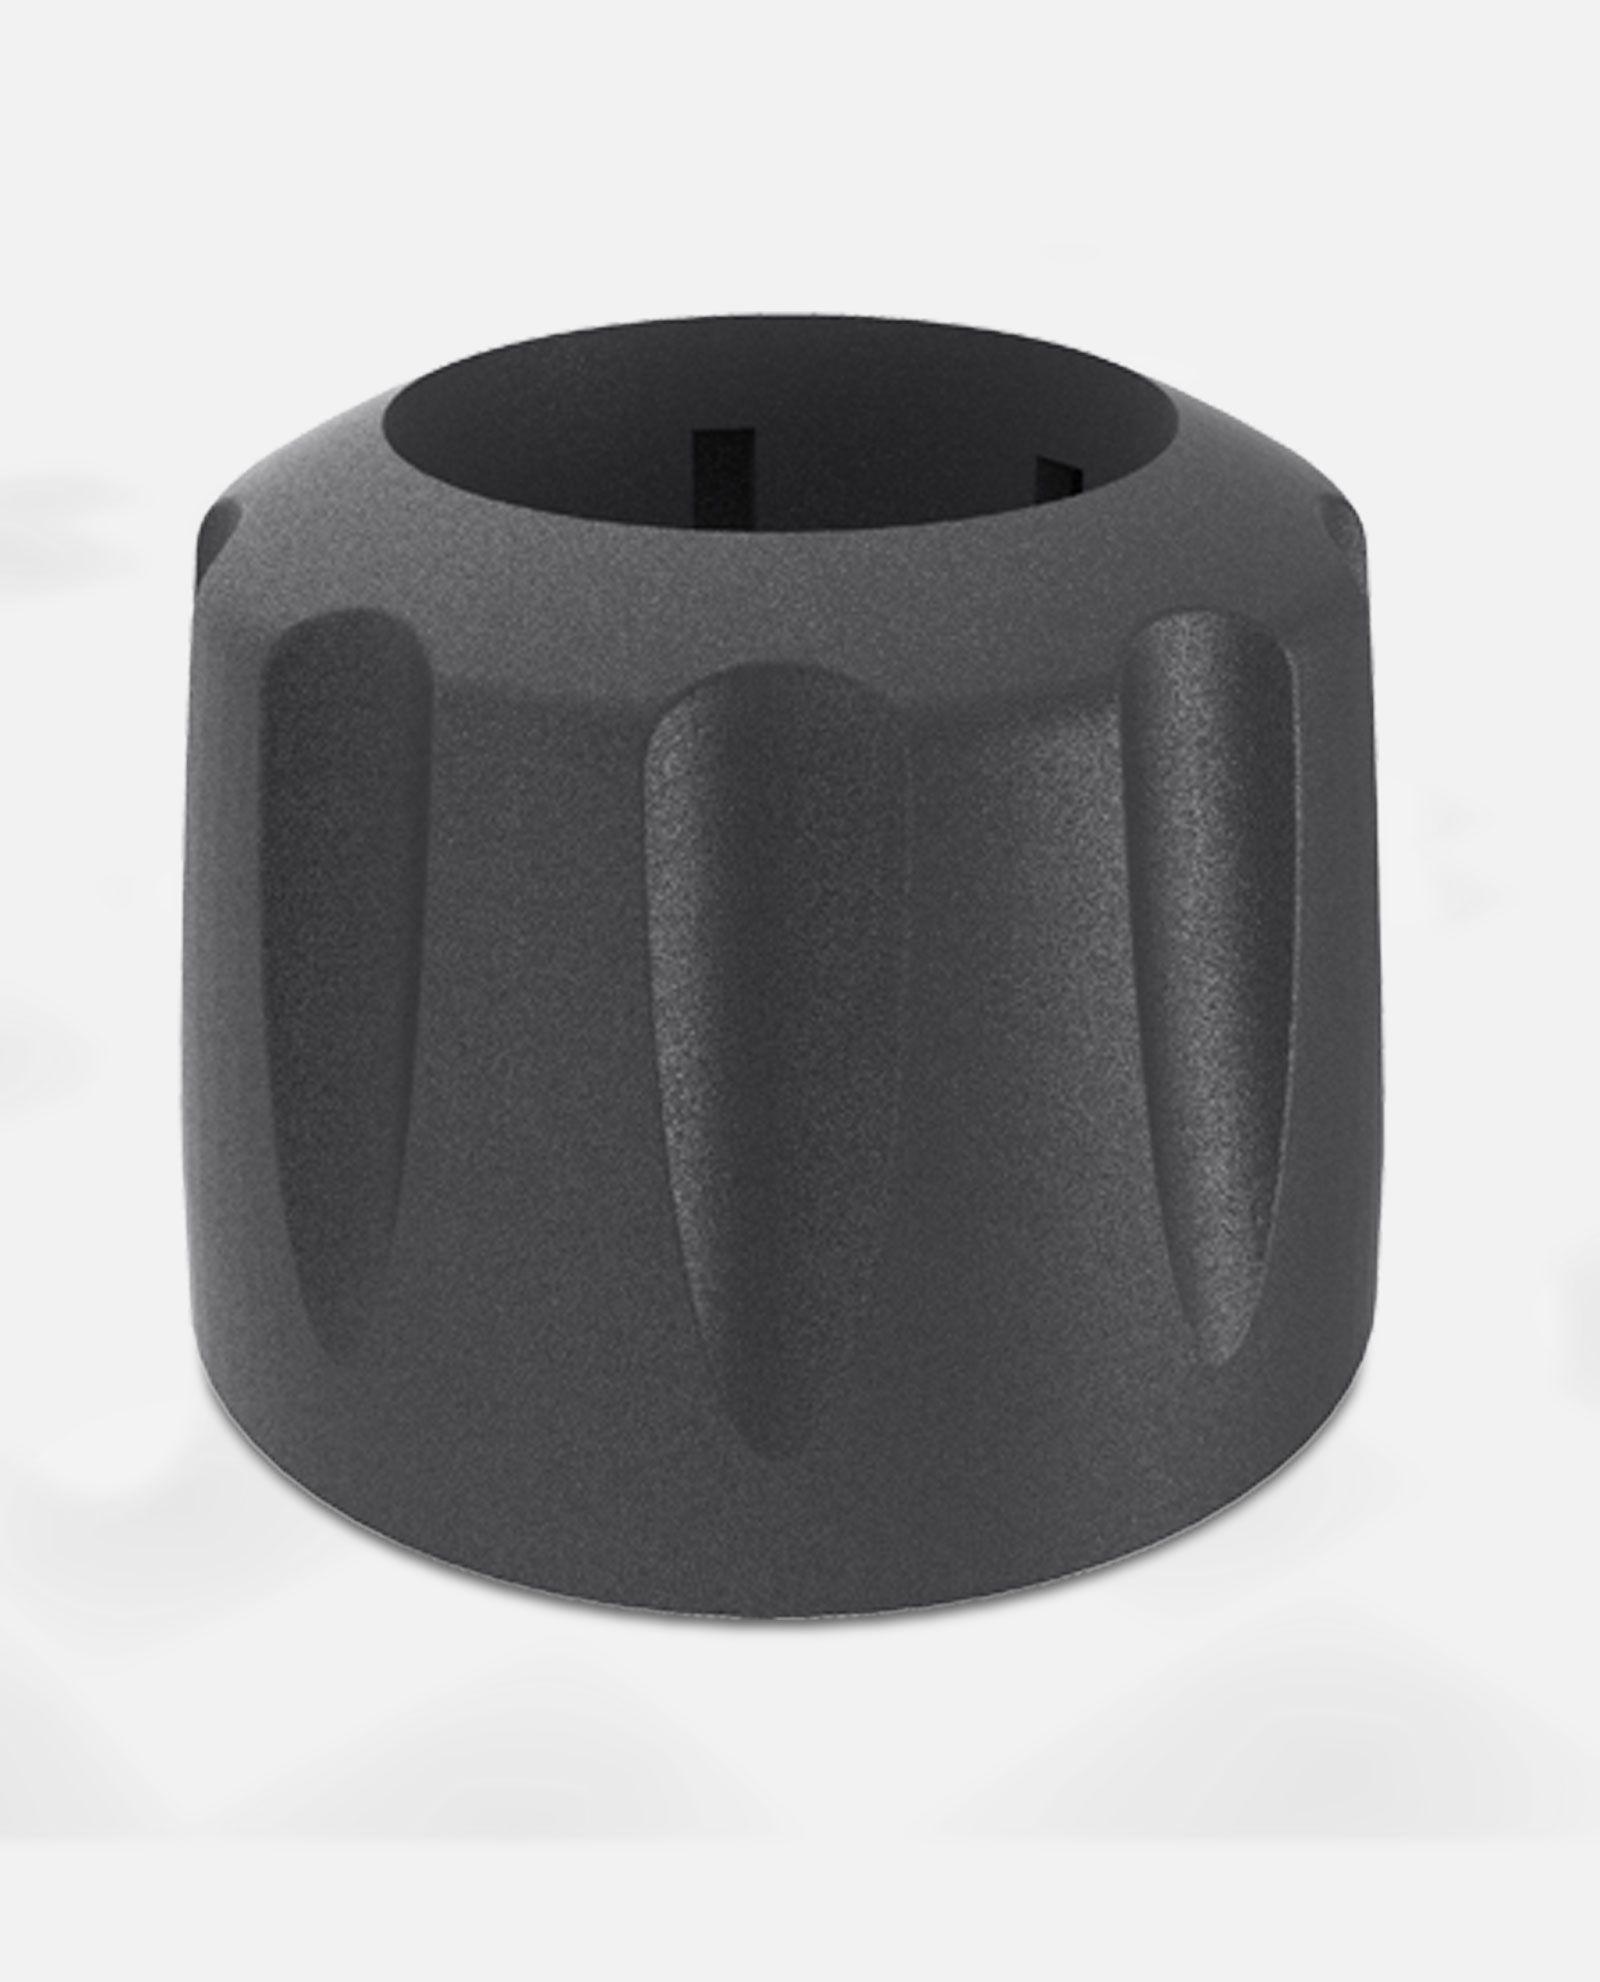 T570 P008 Pole Coupling – Vornado #656467